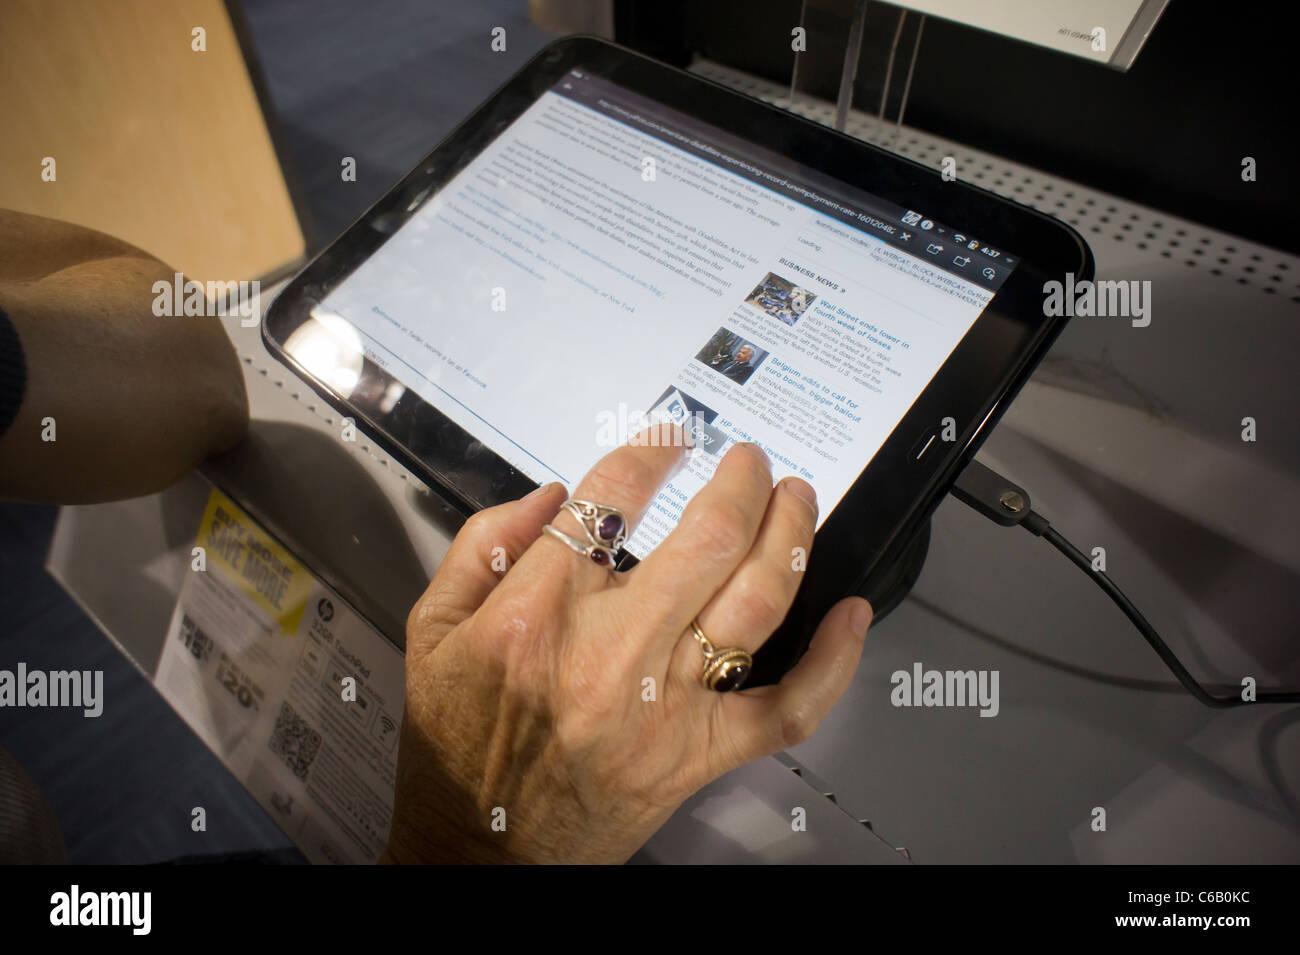 Un comprador inspecciona un HP TouchPad tablet PC en una tienda de electrónica Best Buy en Nueva York Imagen De Stock